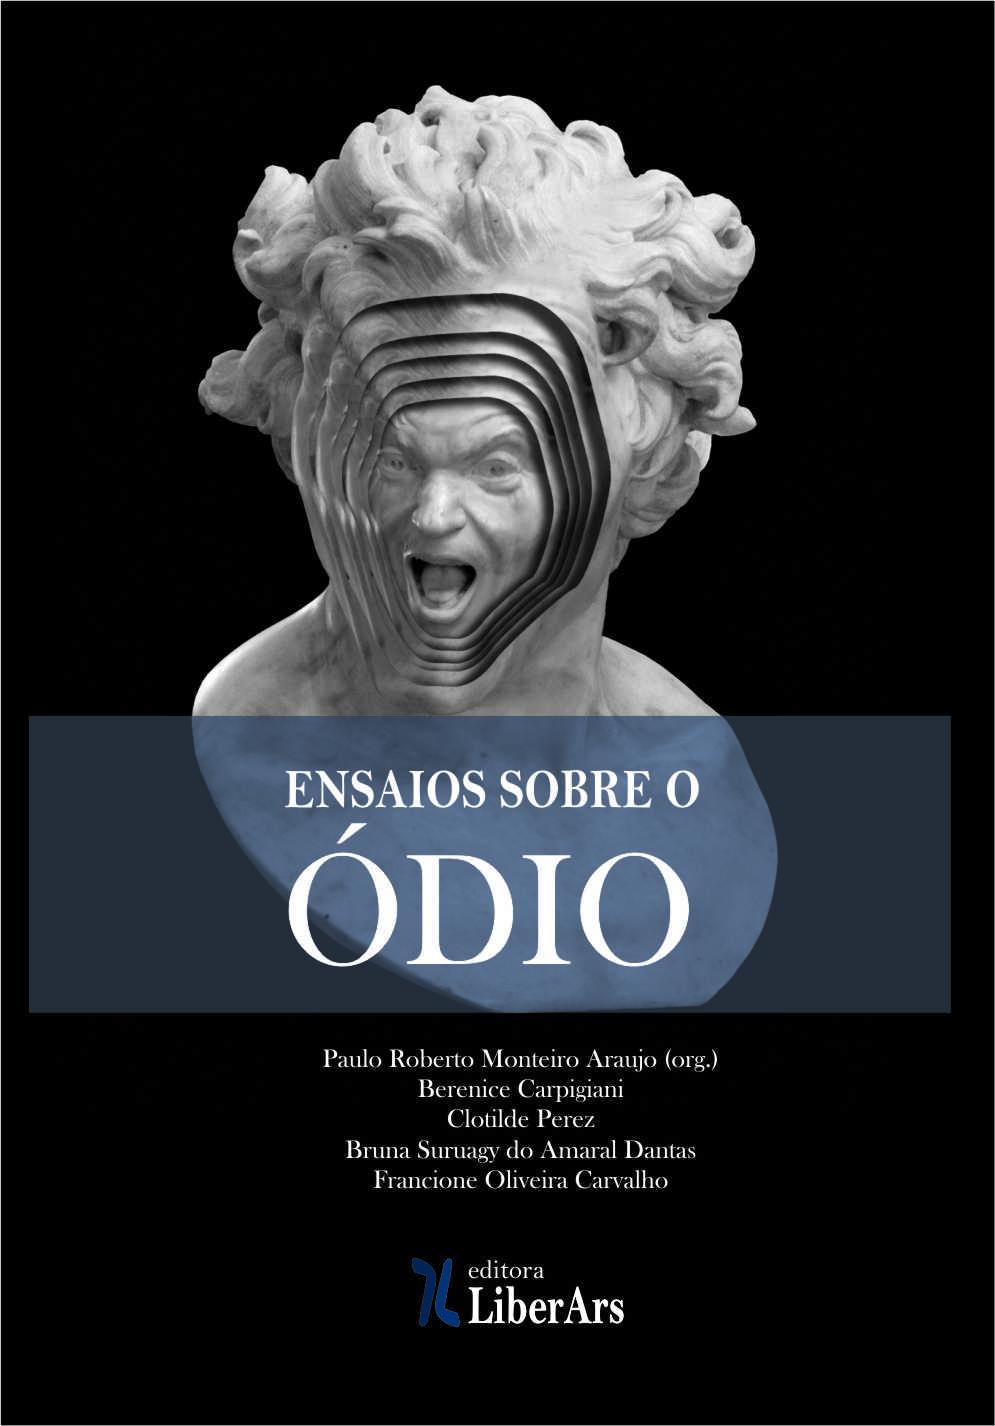 Ensaios sobre o ódio, livro de Paulo Roberto Monteiro de Araujo (org.), Berenice Carpigiani, Clotilde Perez (et.al)